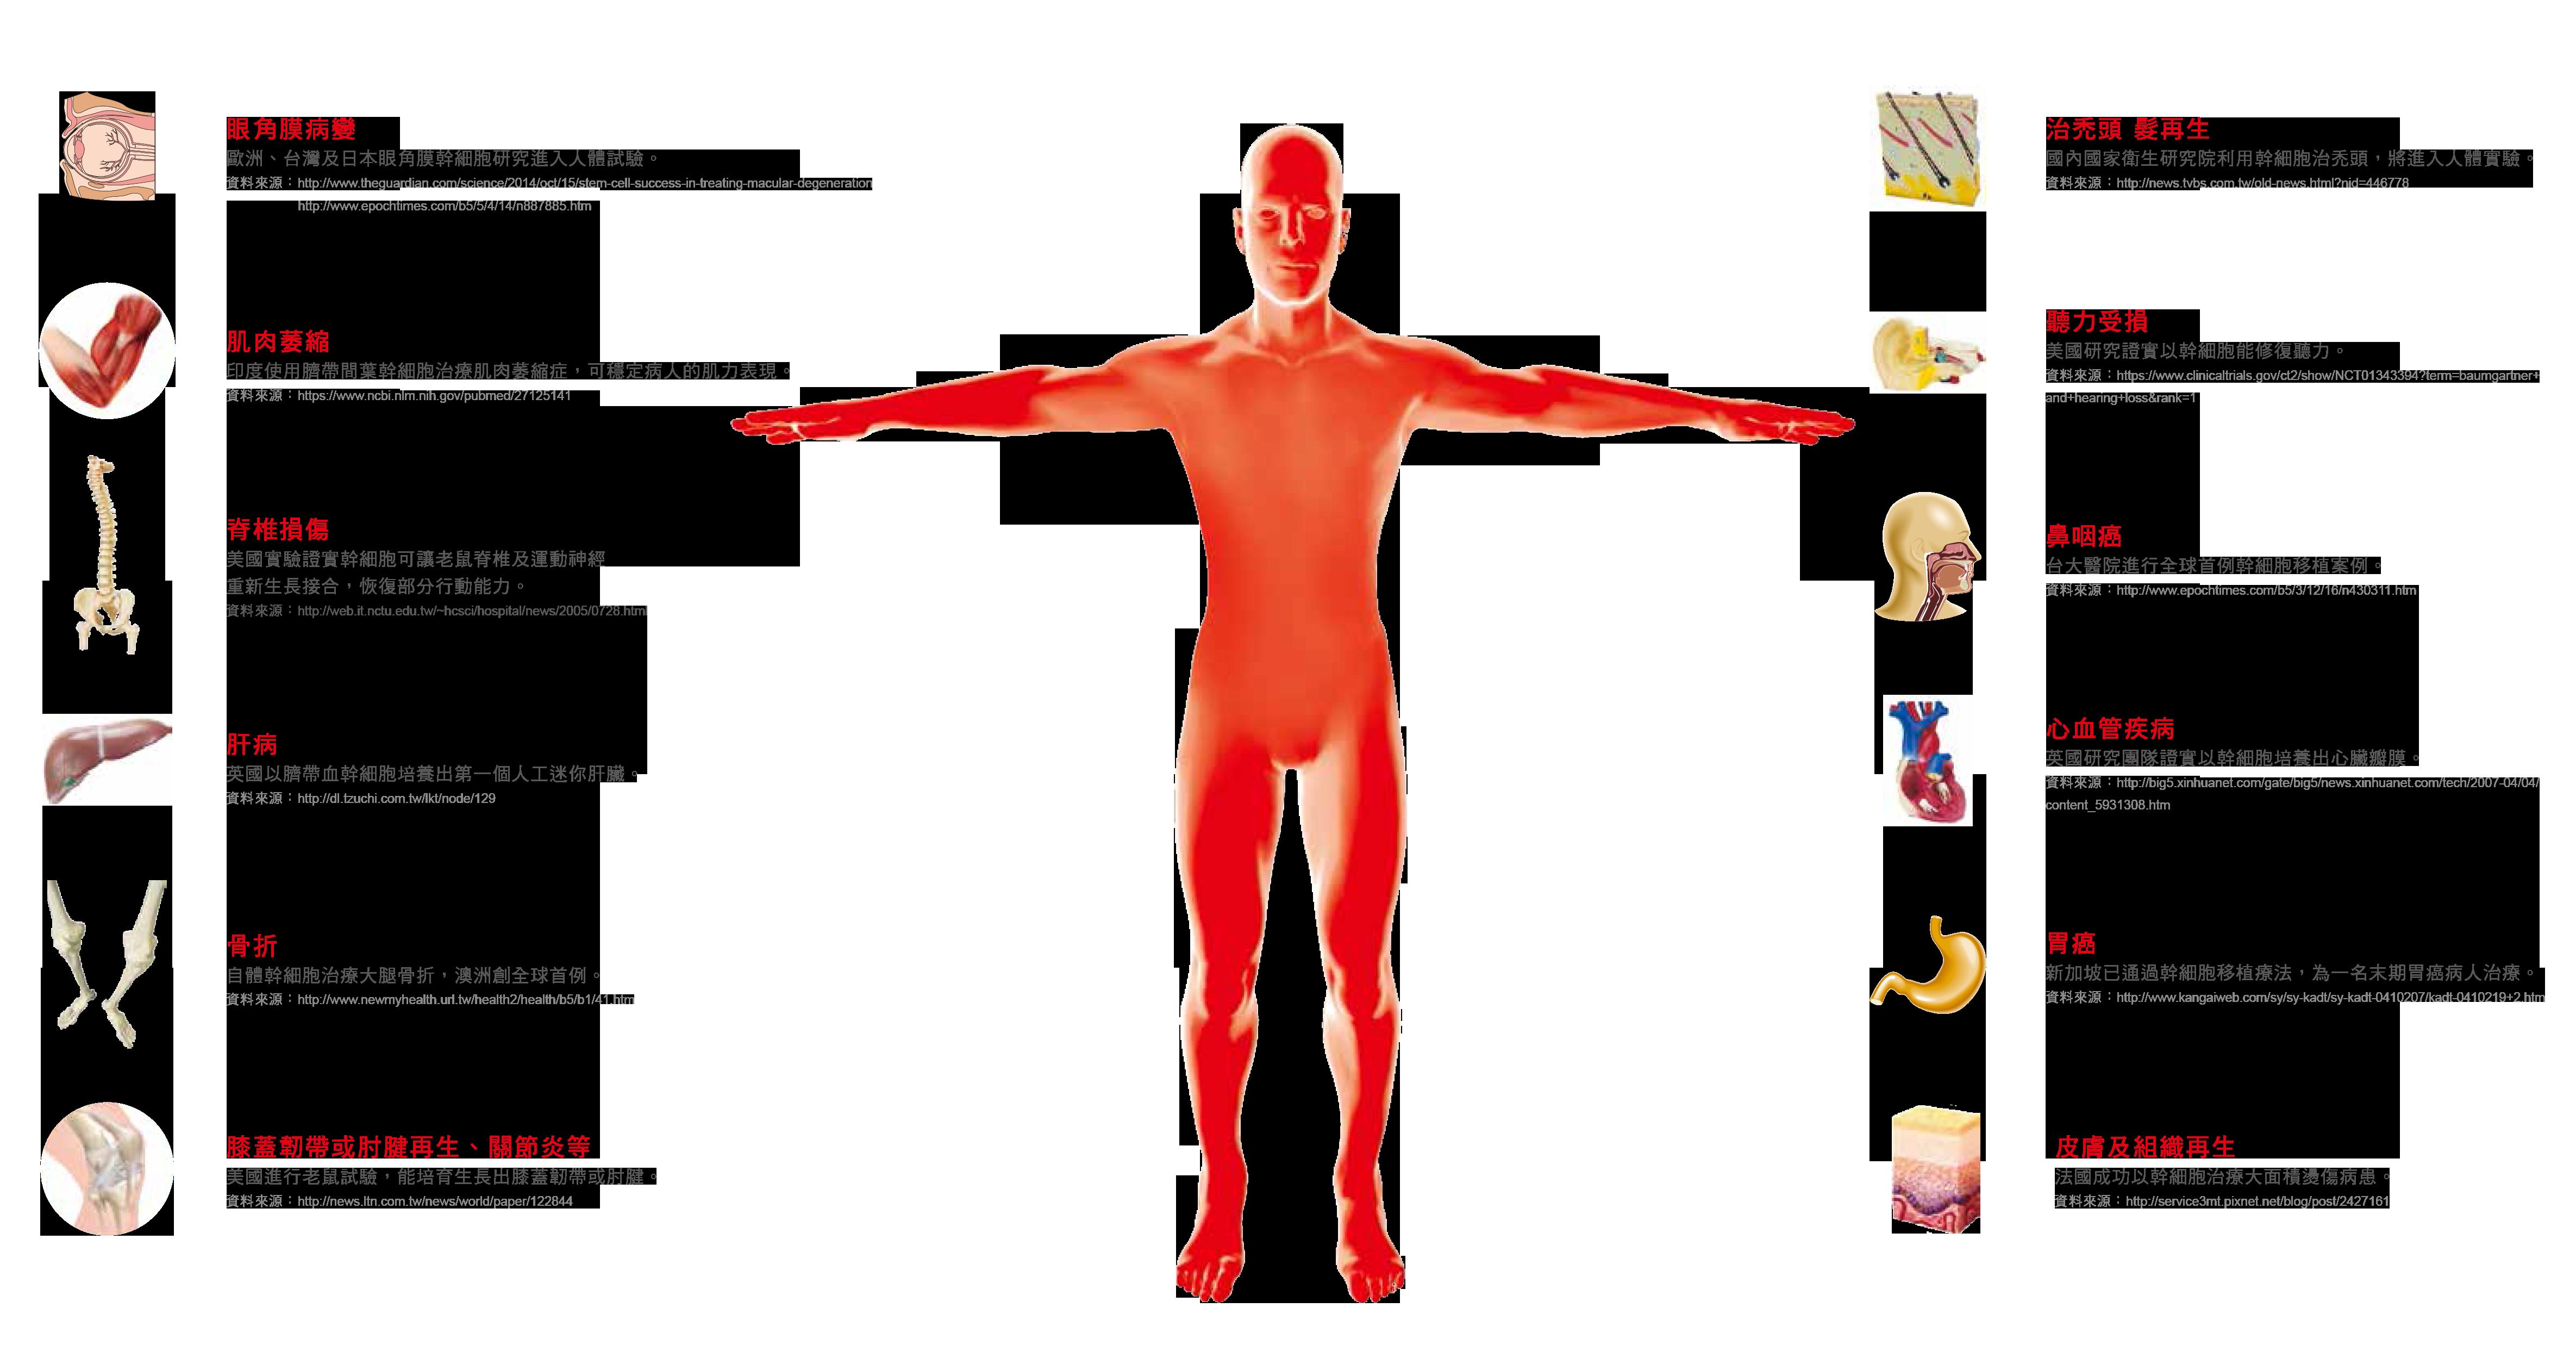 幹細胞知識與應用_媽媽教室_幹細胞_成人幹細胞_臍帶血費用_臍帶血公捐_臍帶血功能